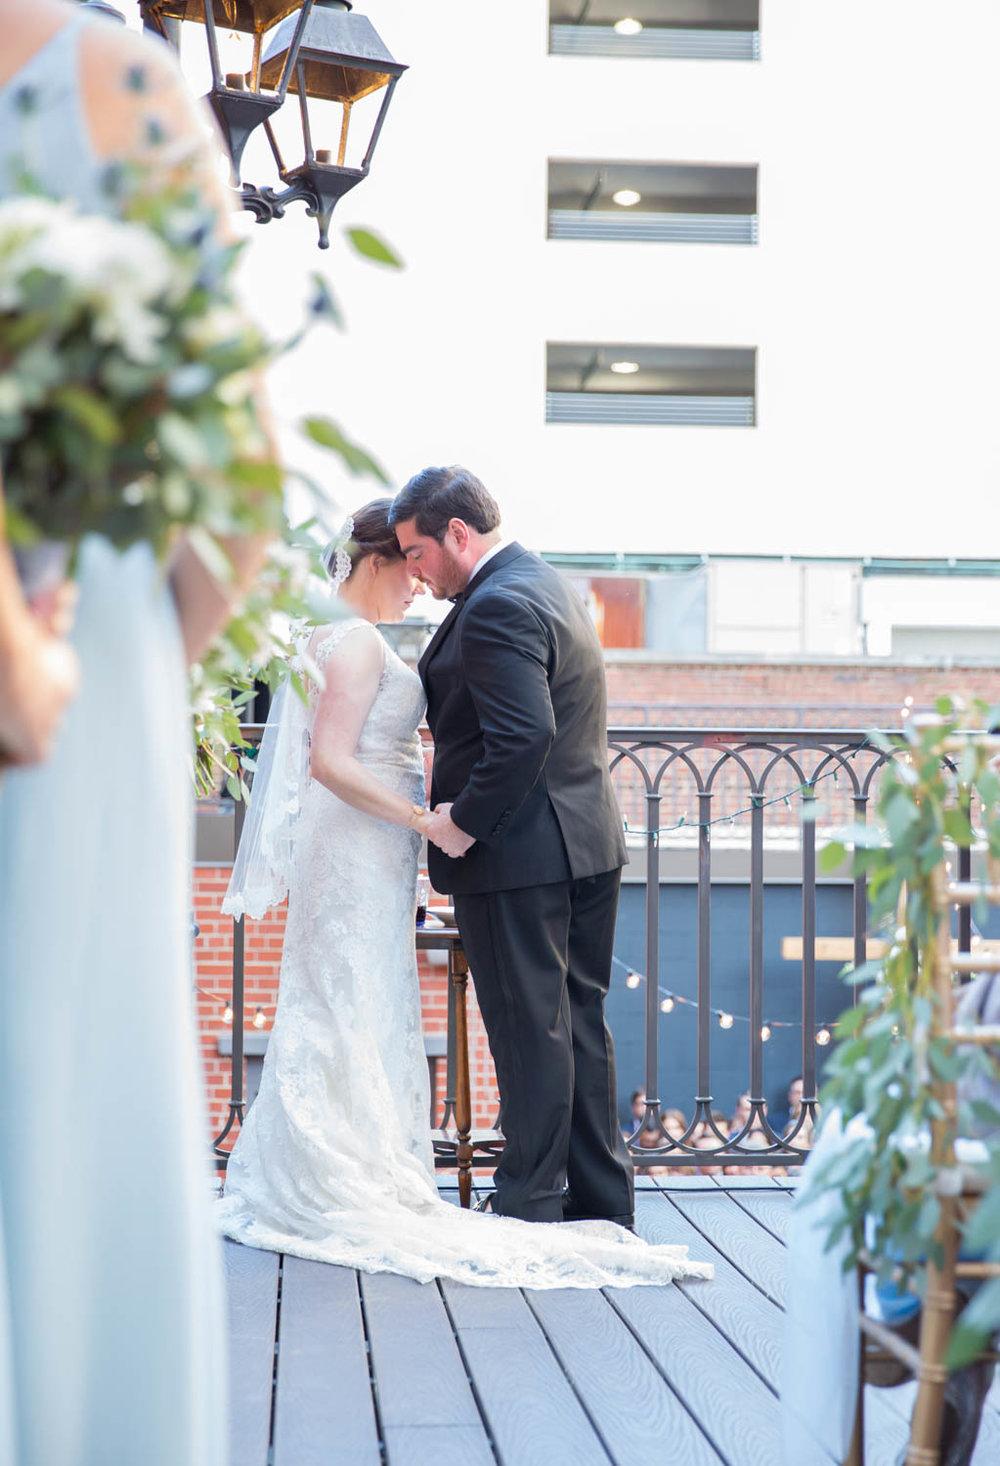 downtowncolumbiawedding-135.jpg